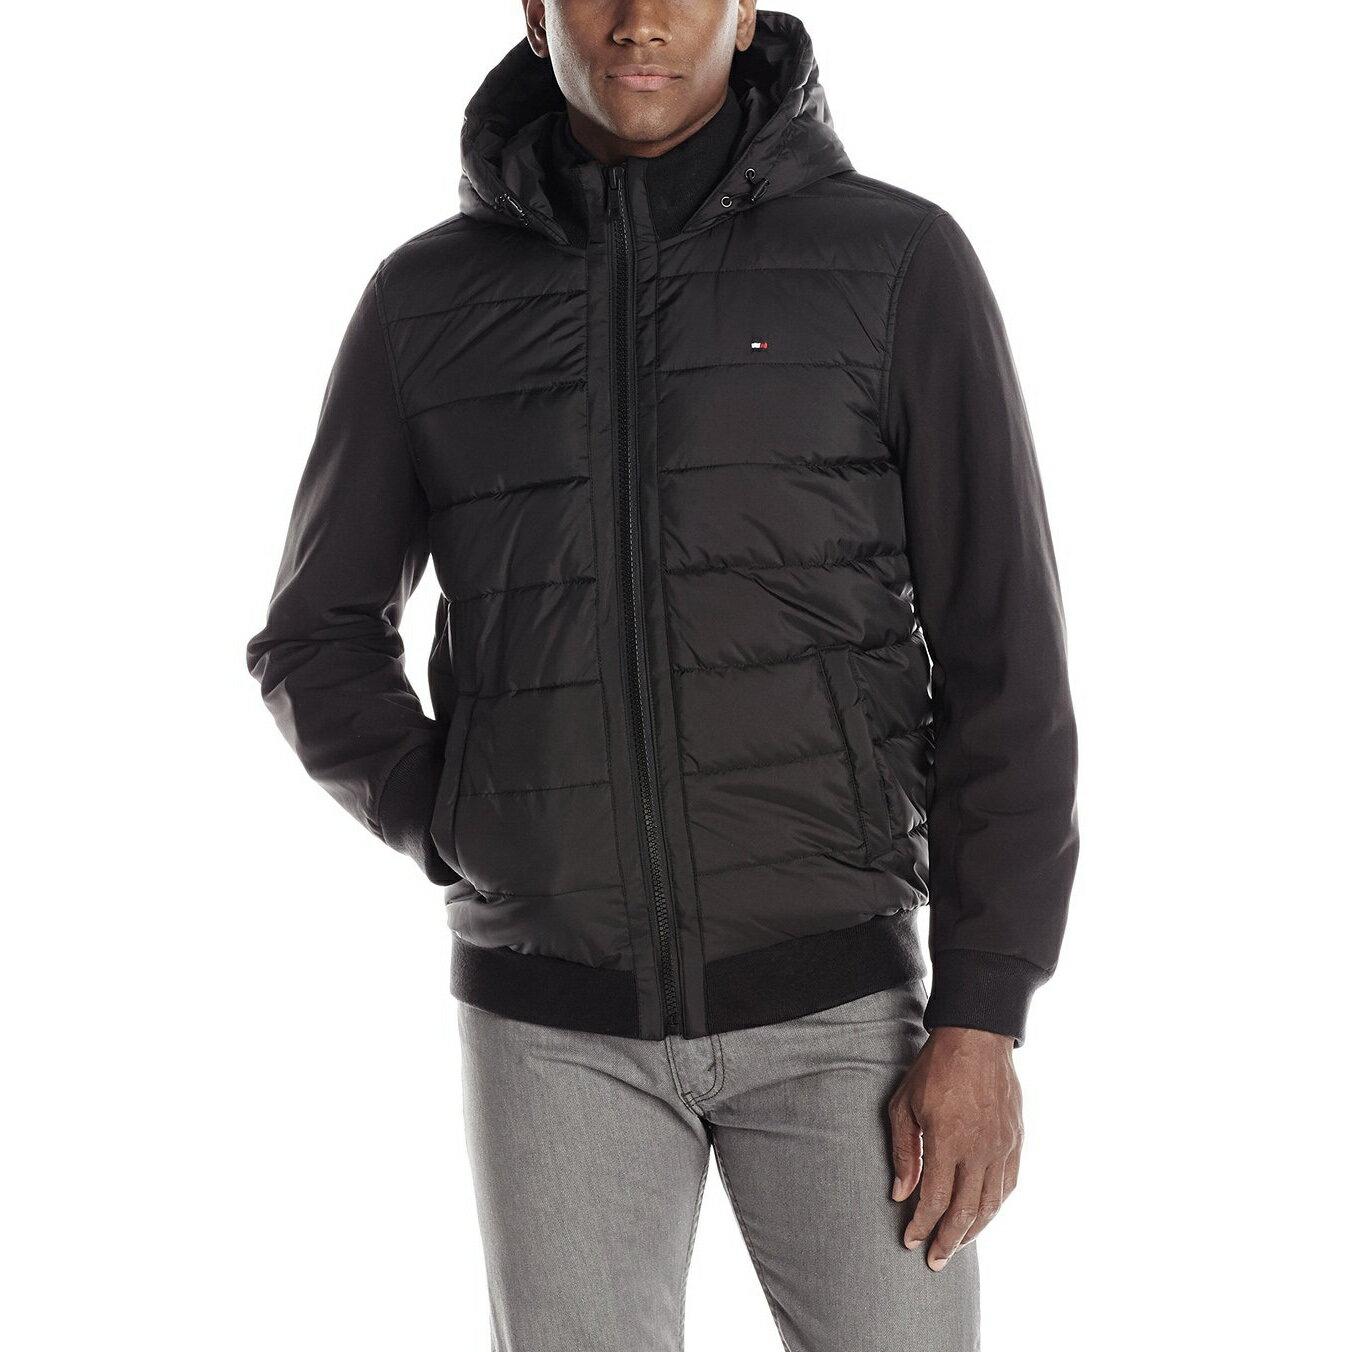 美國百分百【全新真品】Tommy Hilfiger 外套 連帽 夾克 中空纖維 TH 透氣 保暖 黑色 M號 F781